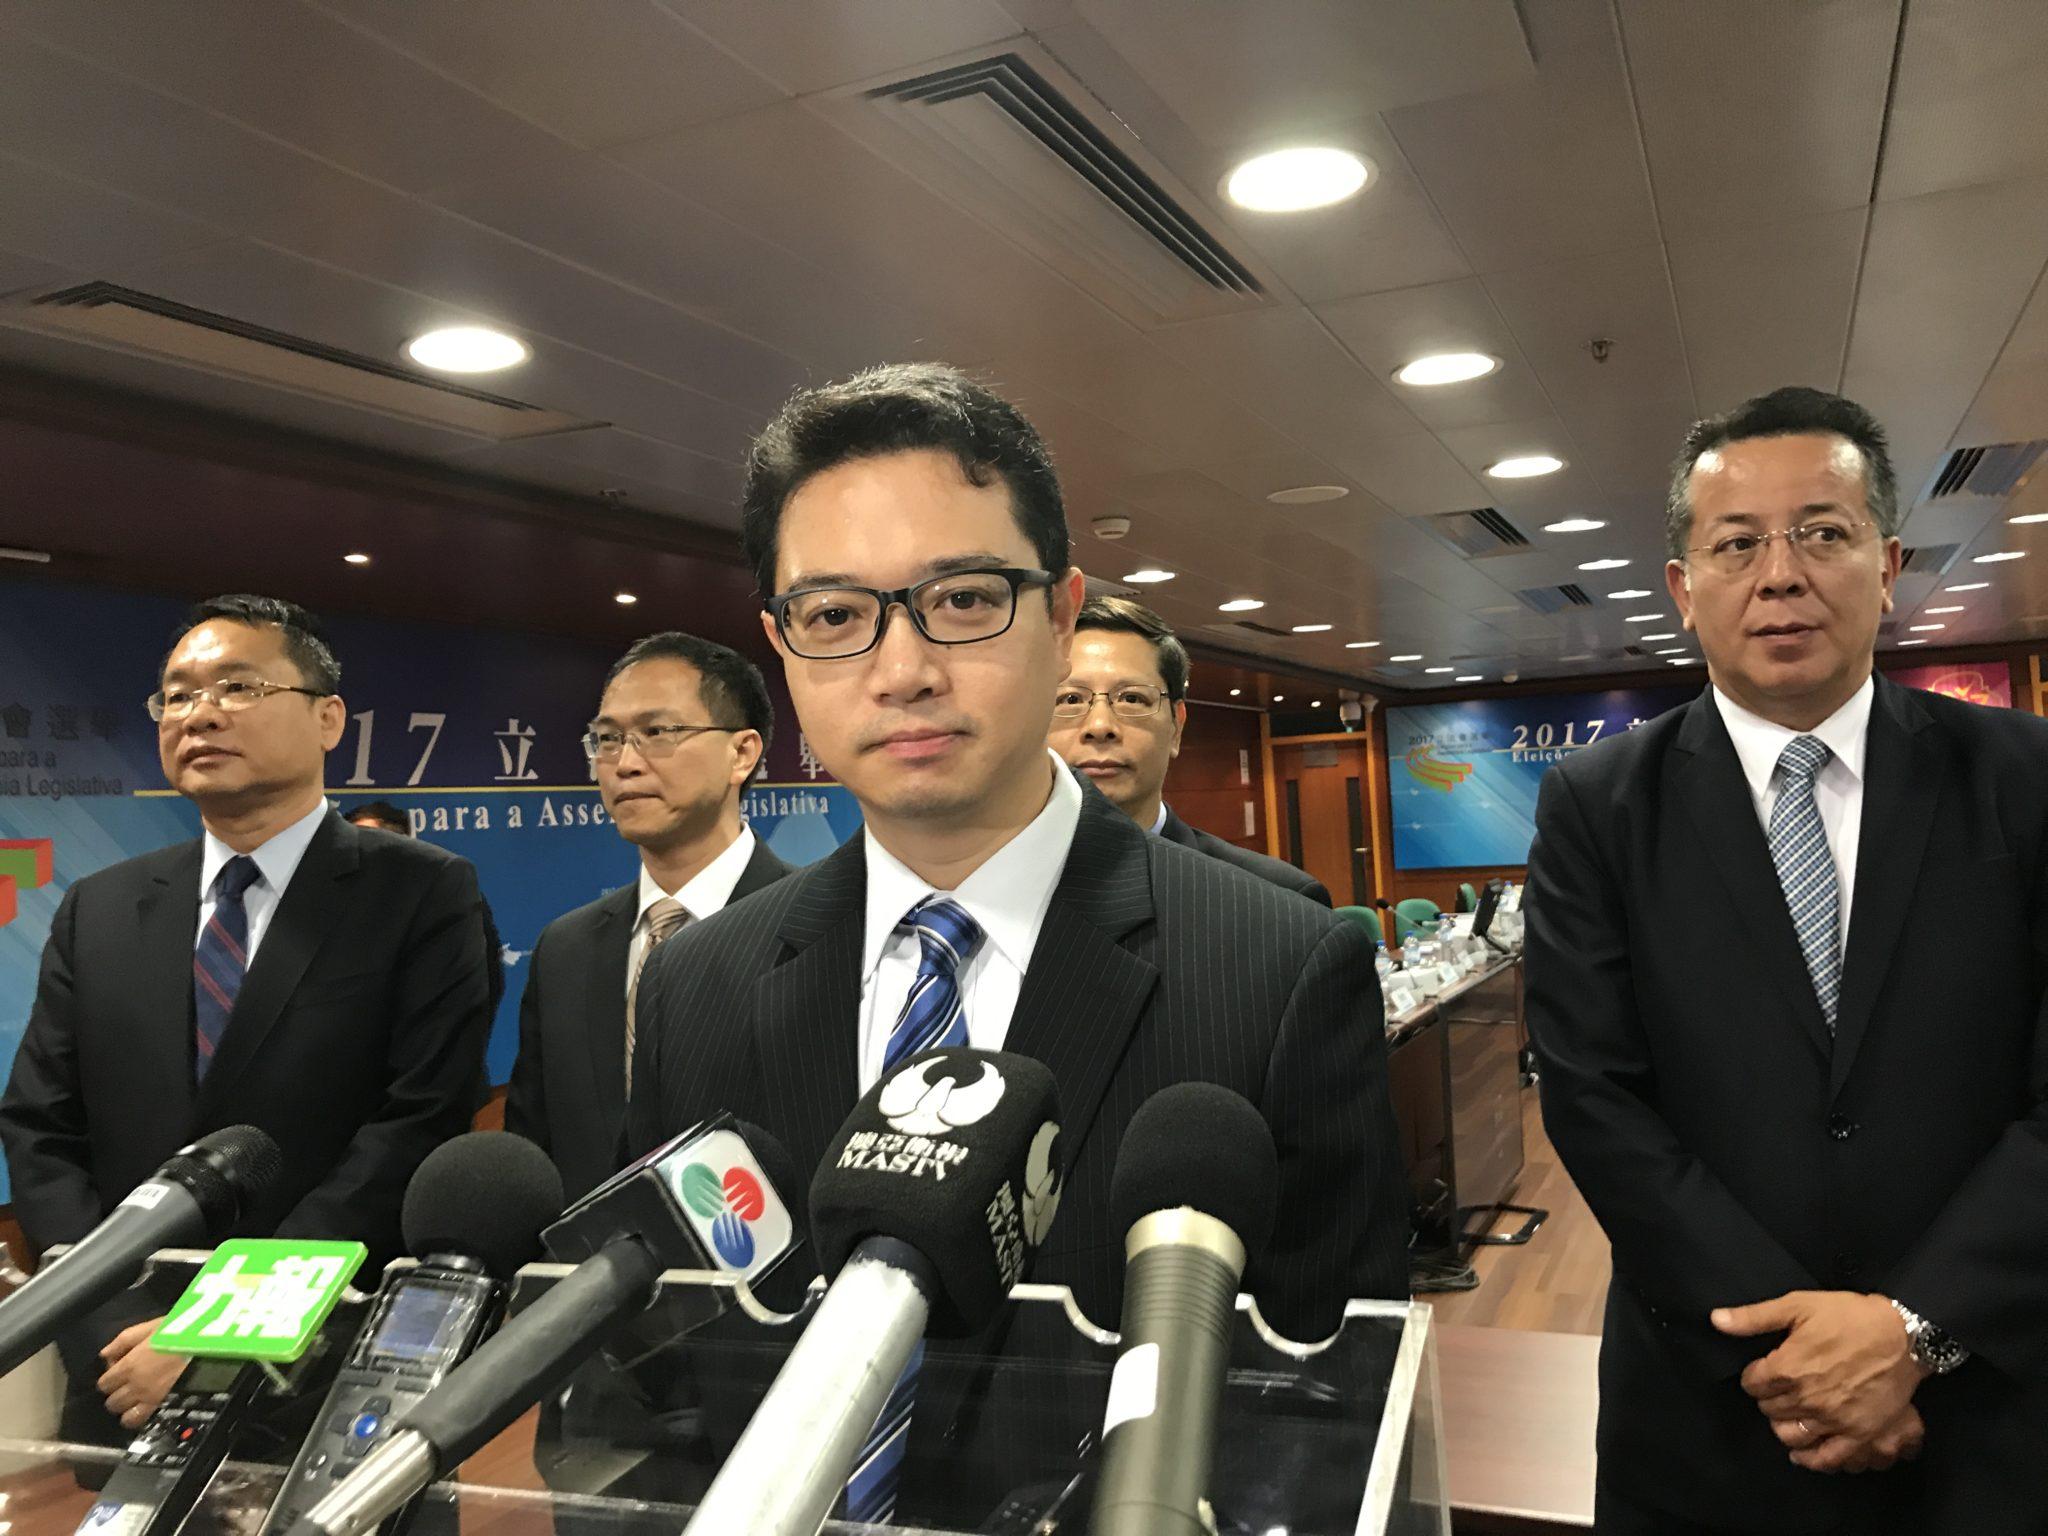 Gabinete de Ligação | CAEAL diz que não há irregularidades